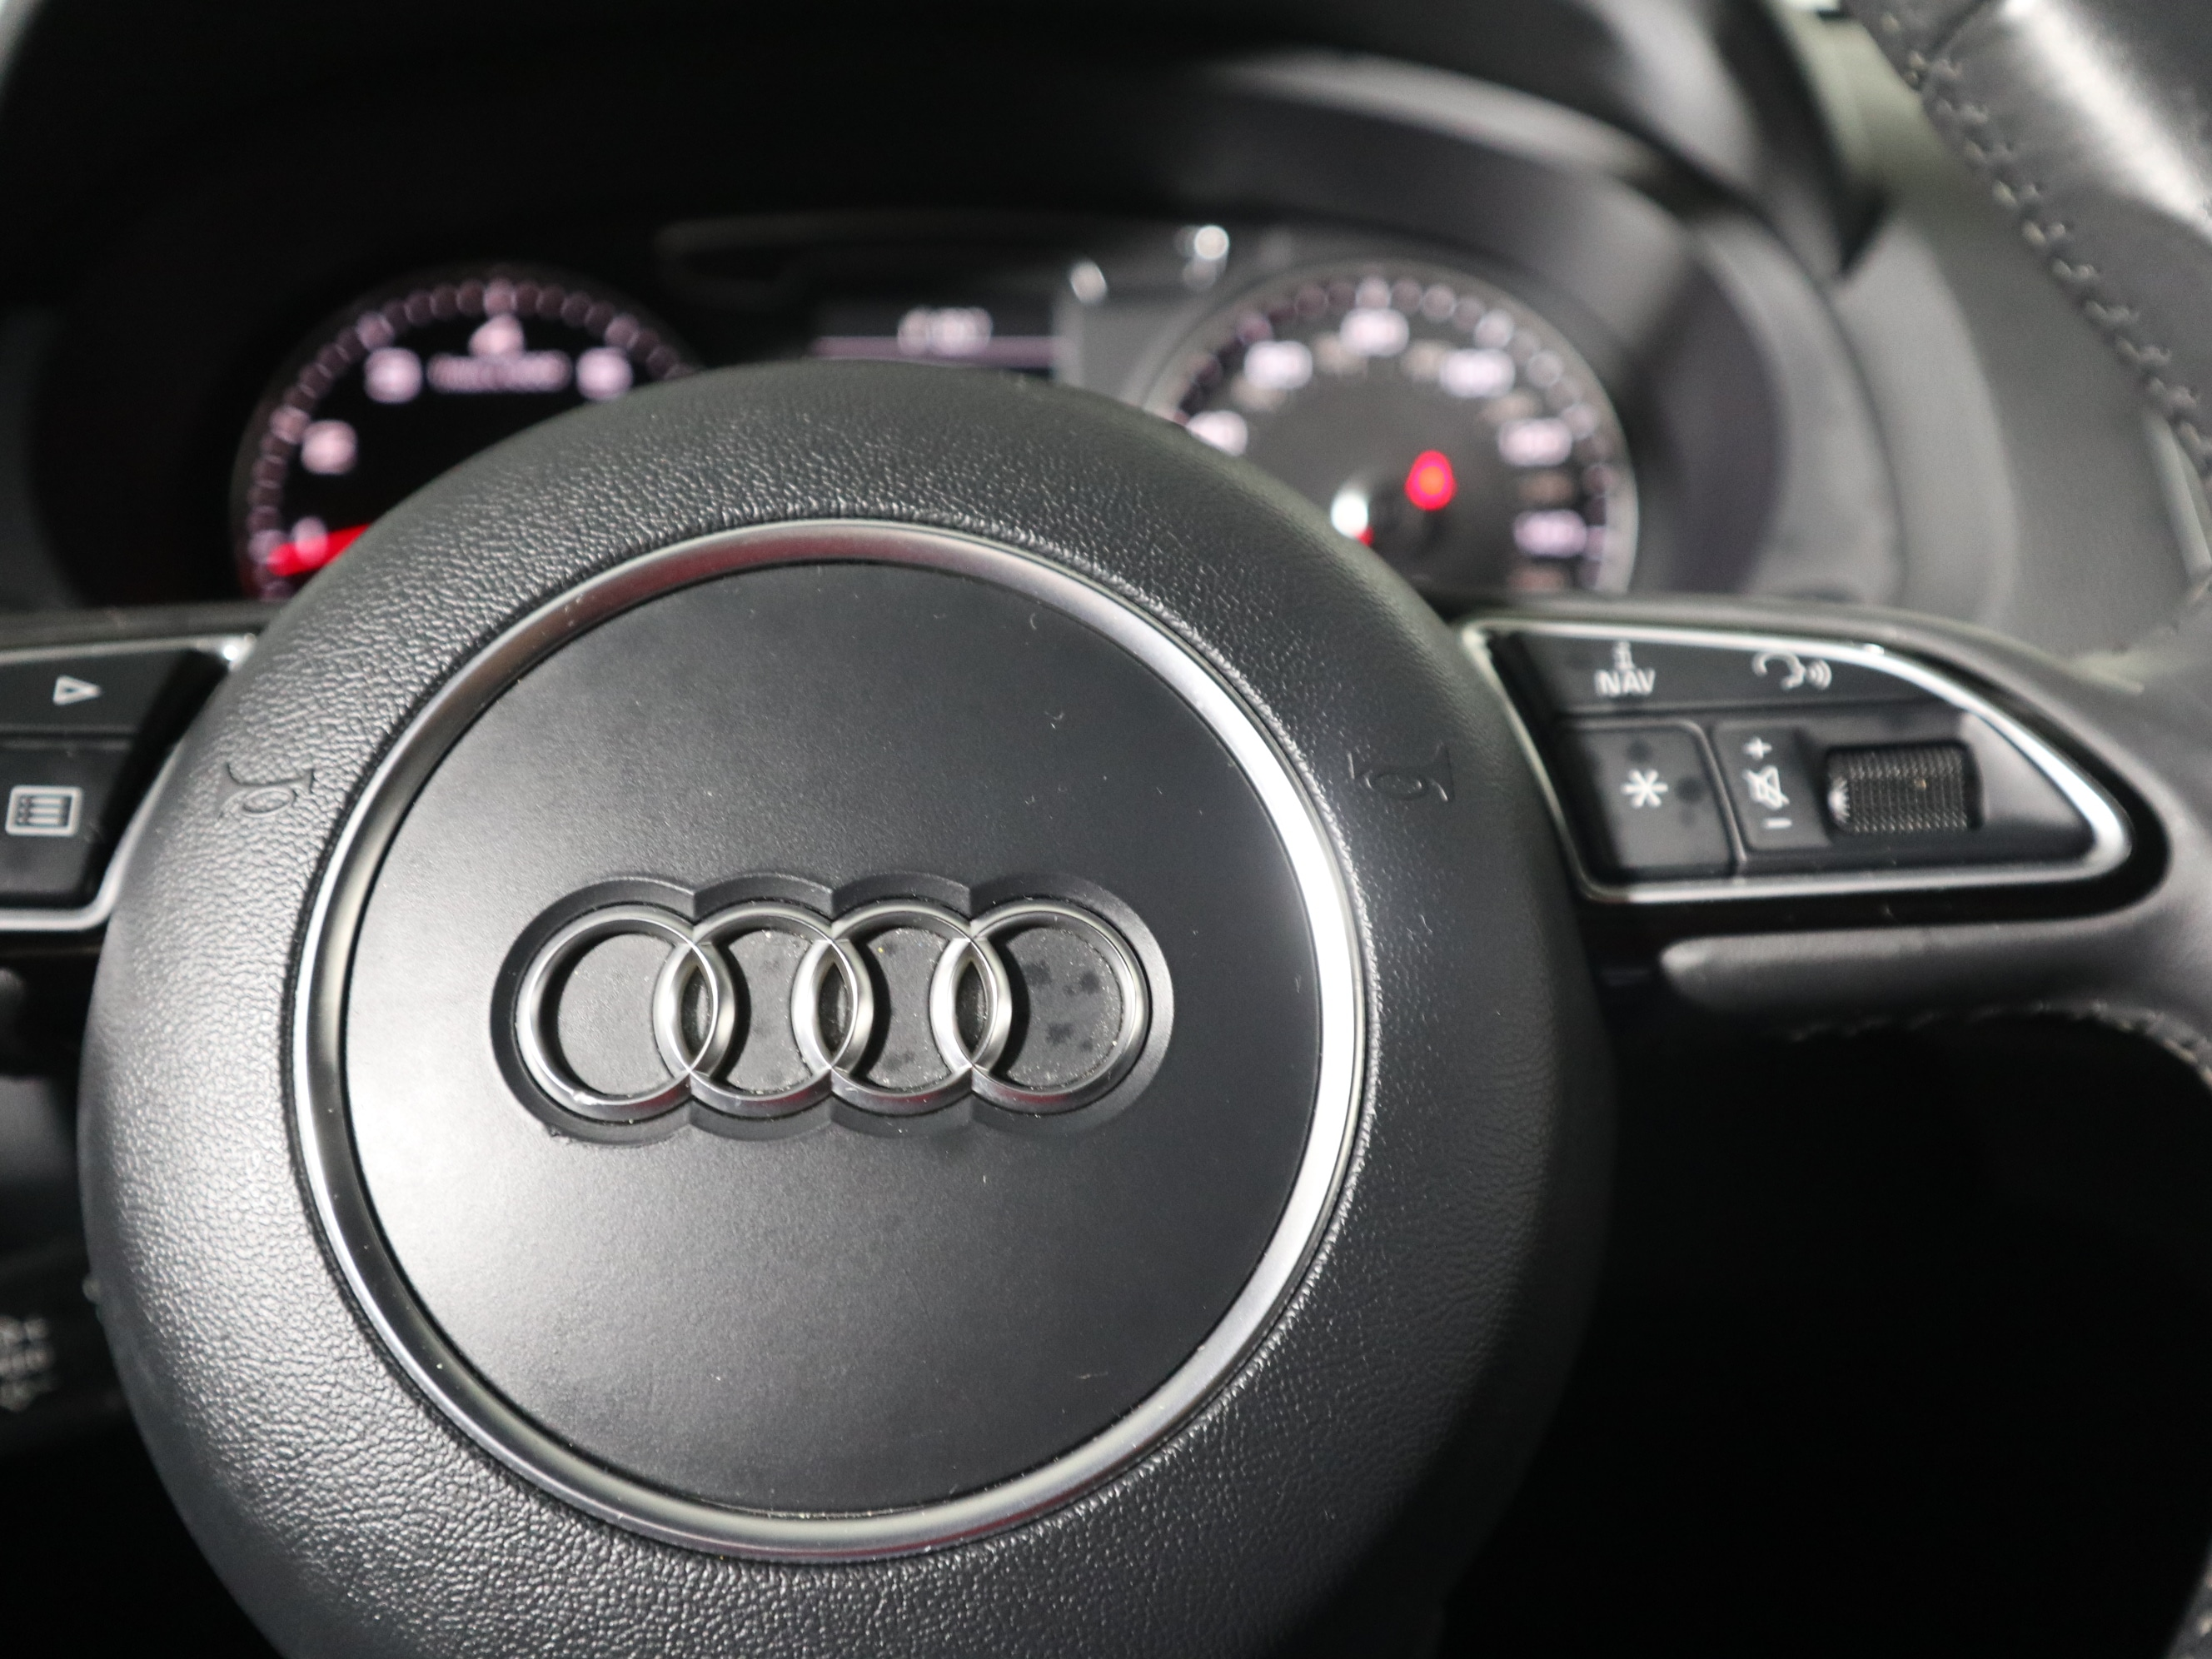 2016 Audi Q3 - Fair Car Ownership